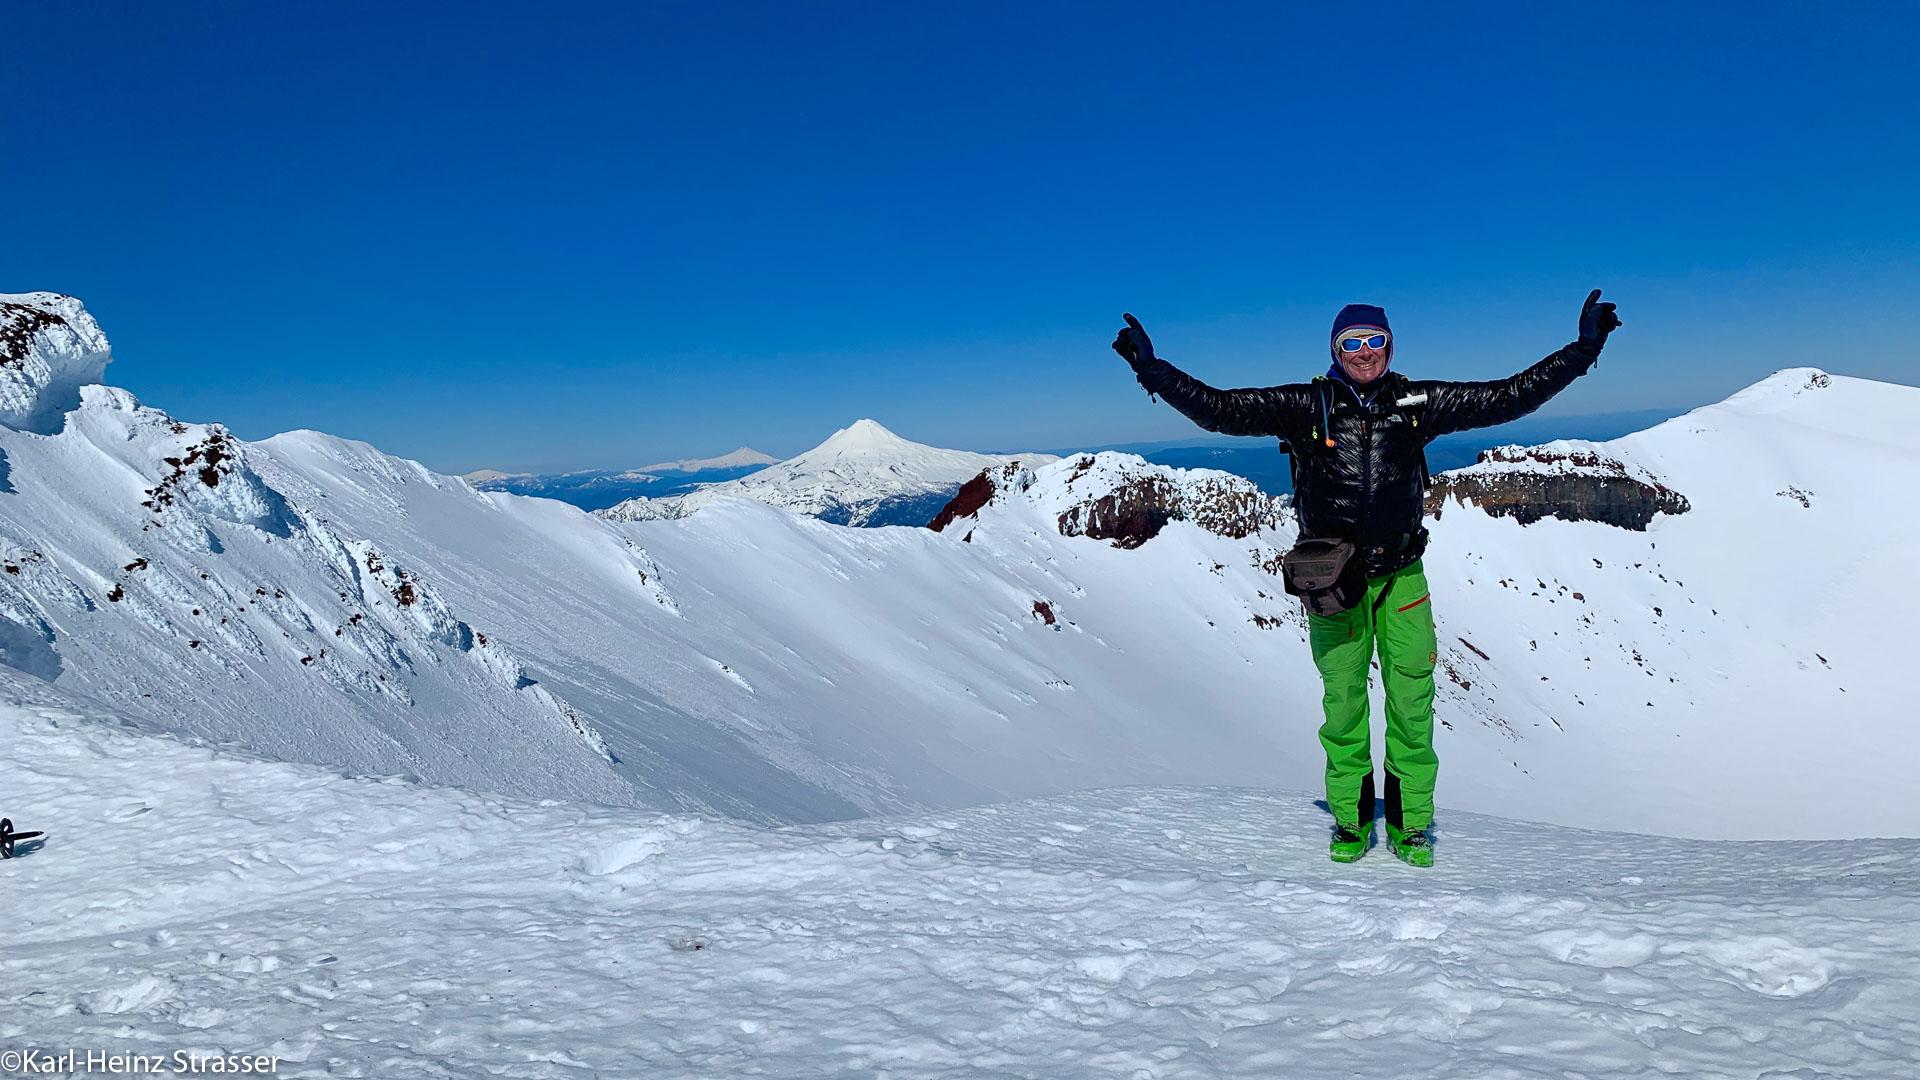 Am Gipfel der Skitourenträume in Chile